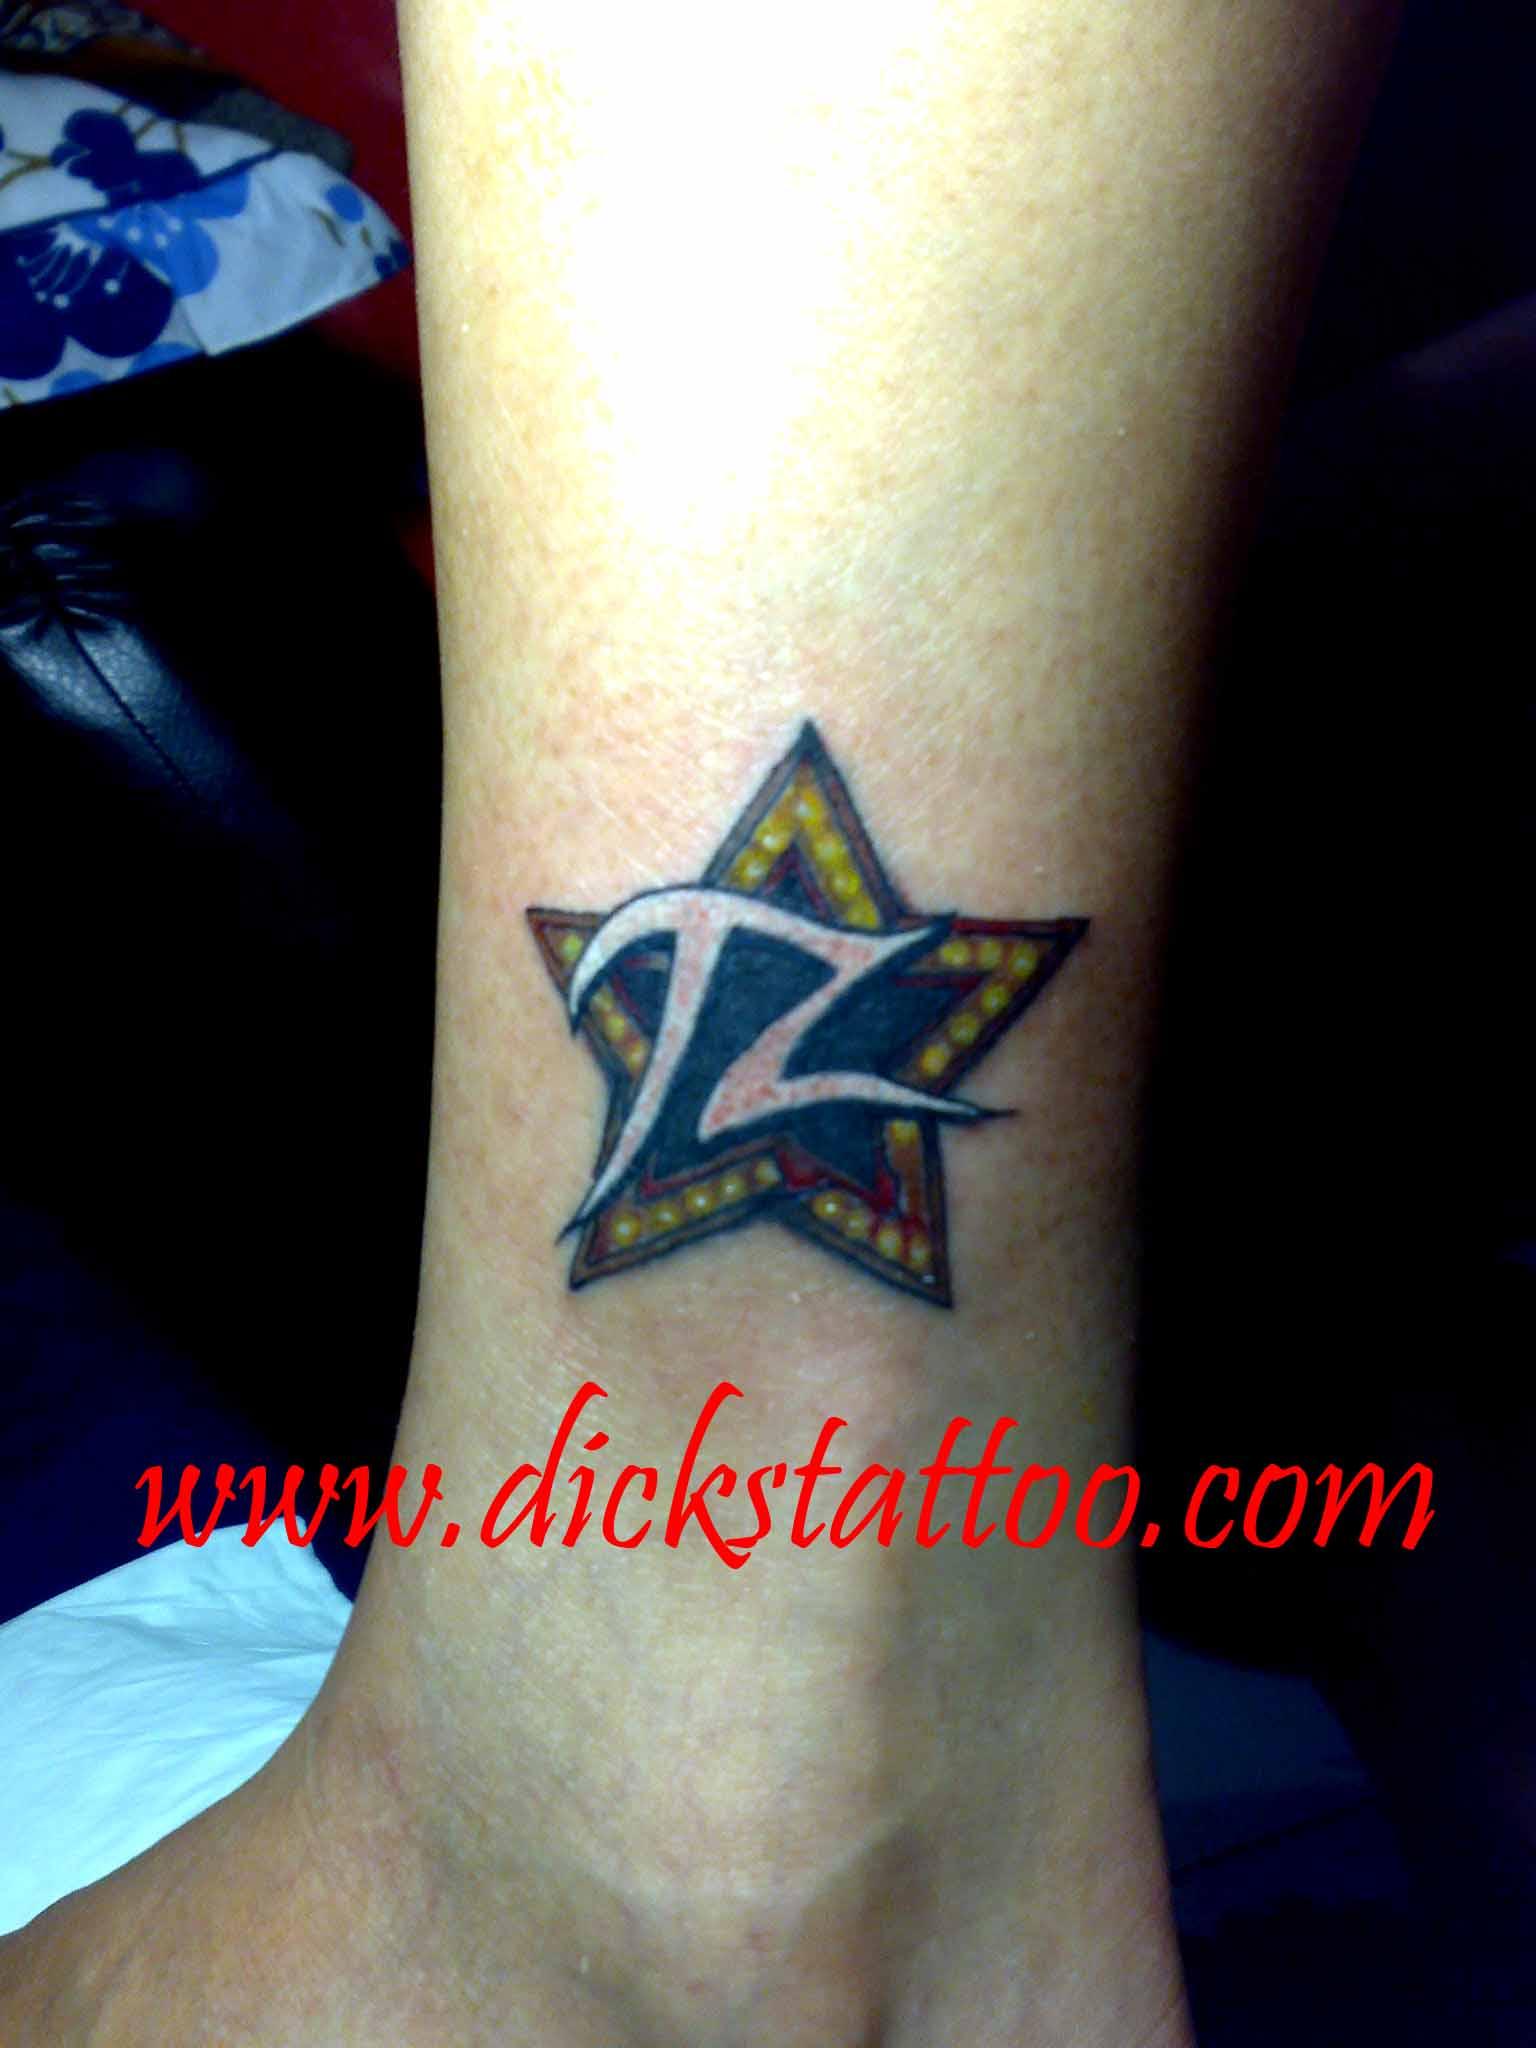 tattoo jakarta, studio tattoo jakarta - Lainnya - Foto/Gambar Umum